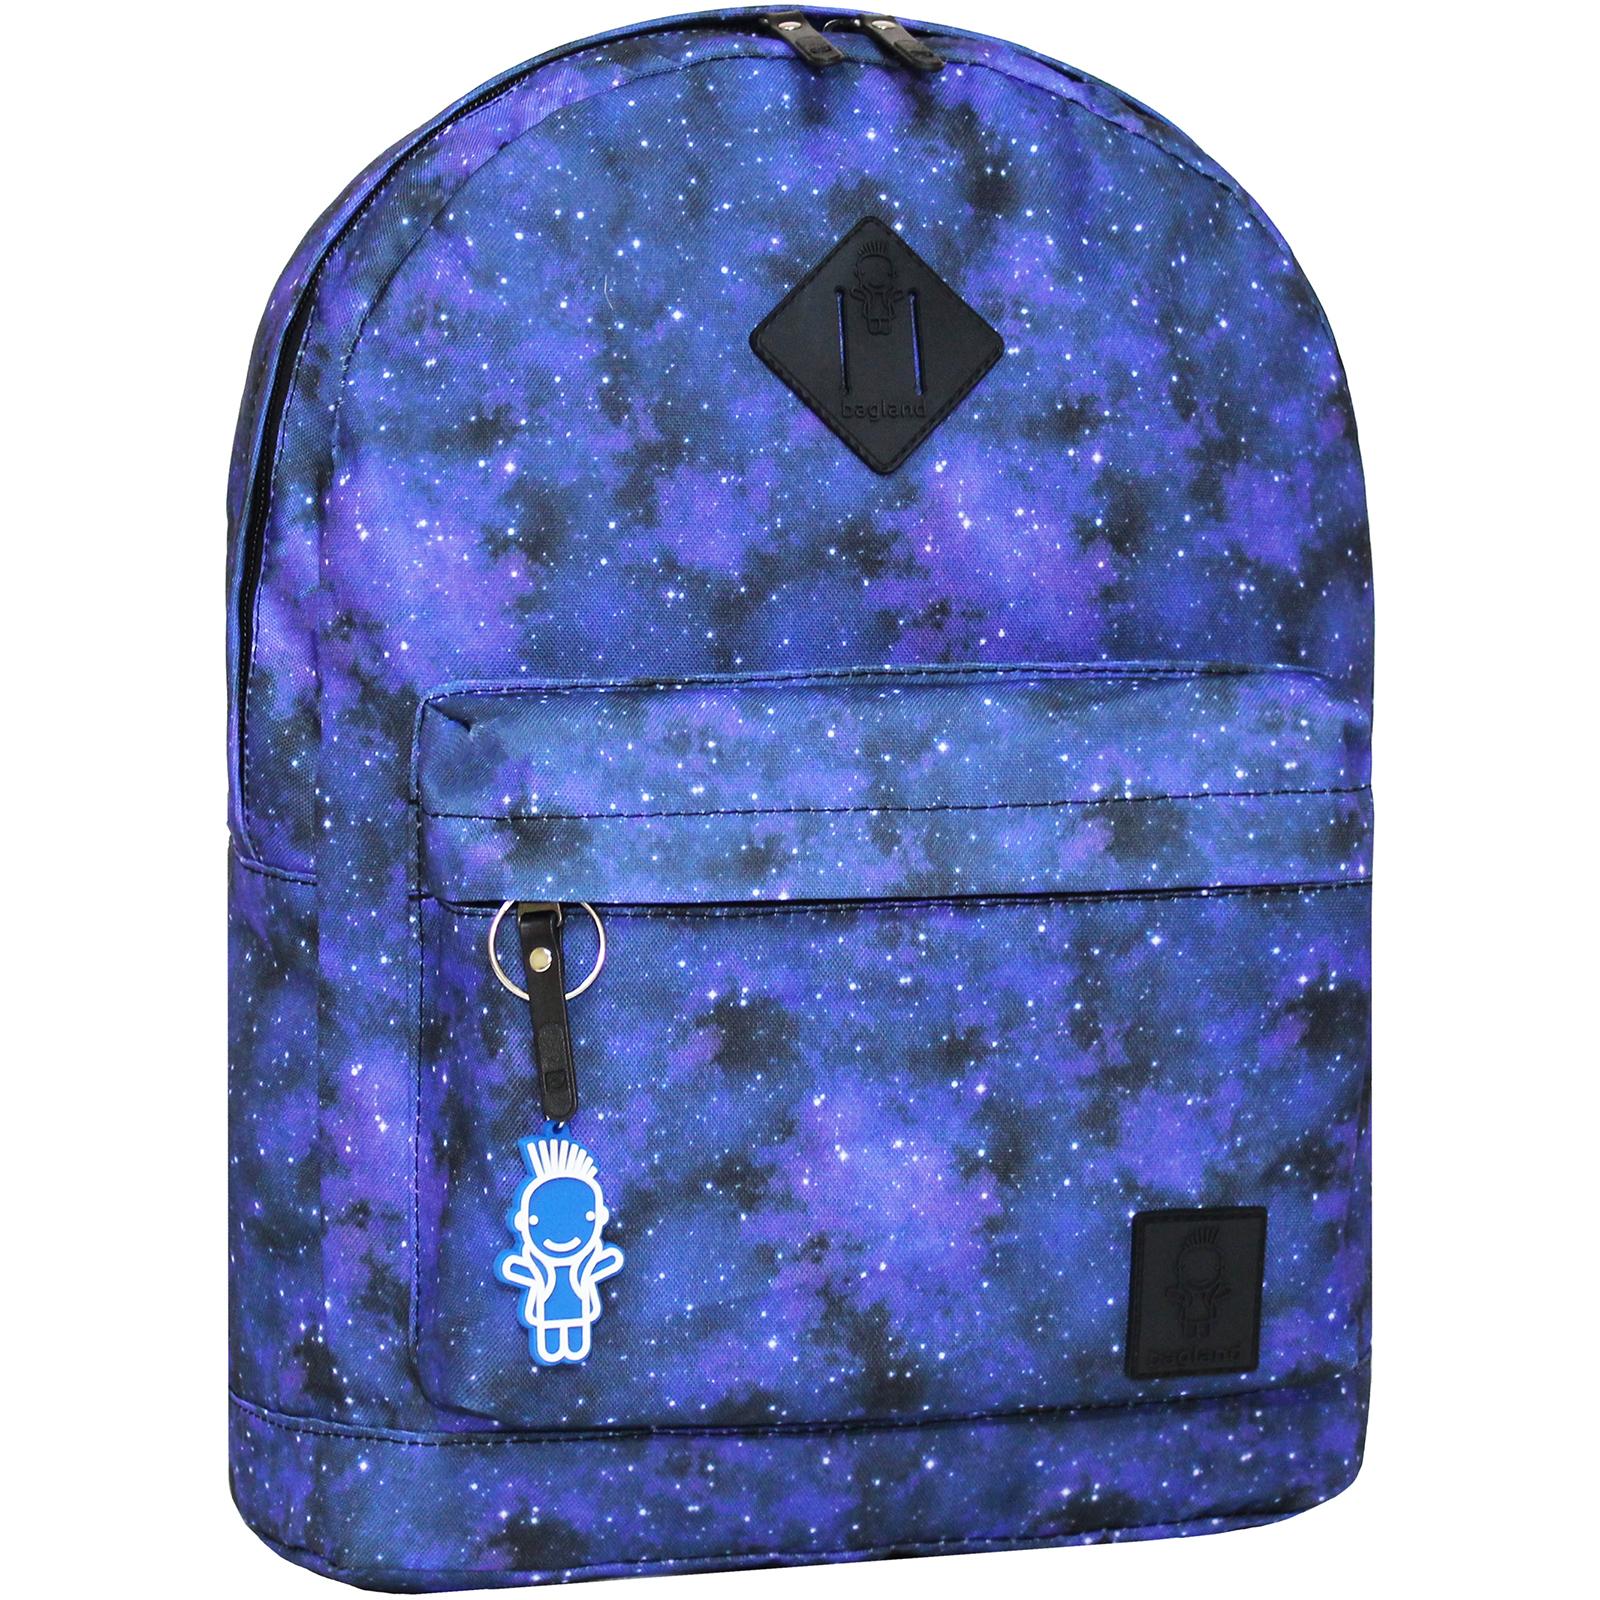 Городские рюкзаки Рюкзак Bagland Молодежный (дизайн) 17 л. сублимация (космос) (00533664) IMG_5998.JPG